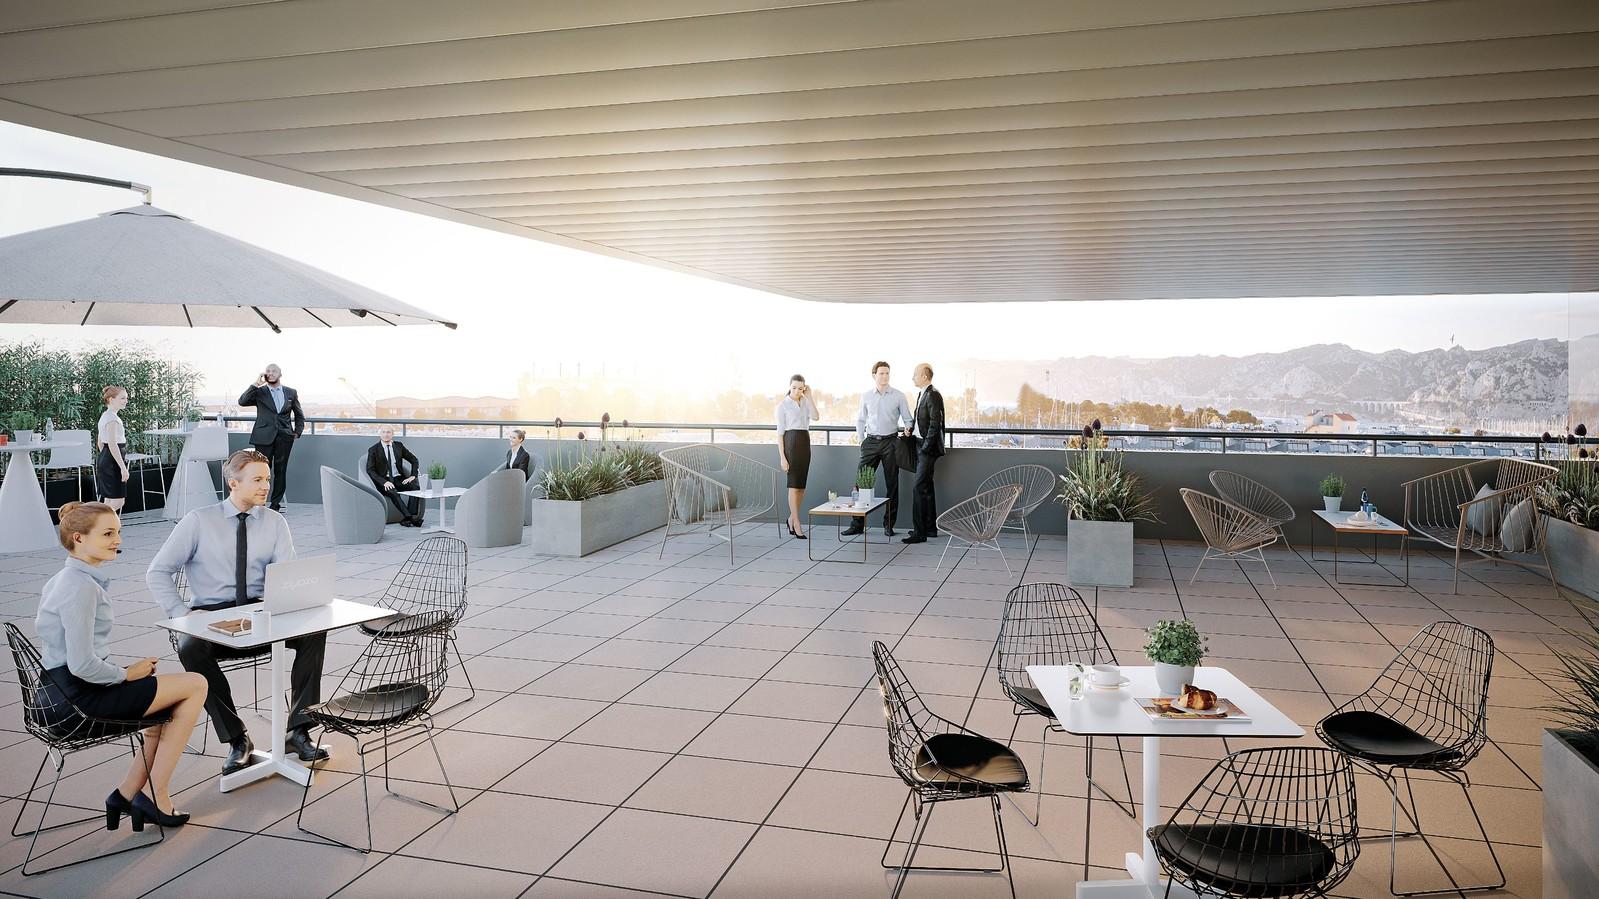 Azuréa - Lazard Group terrasse avec vue imprenable sur la rade de Marseille et ses îles